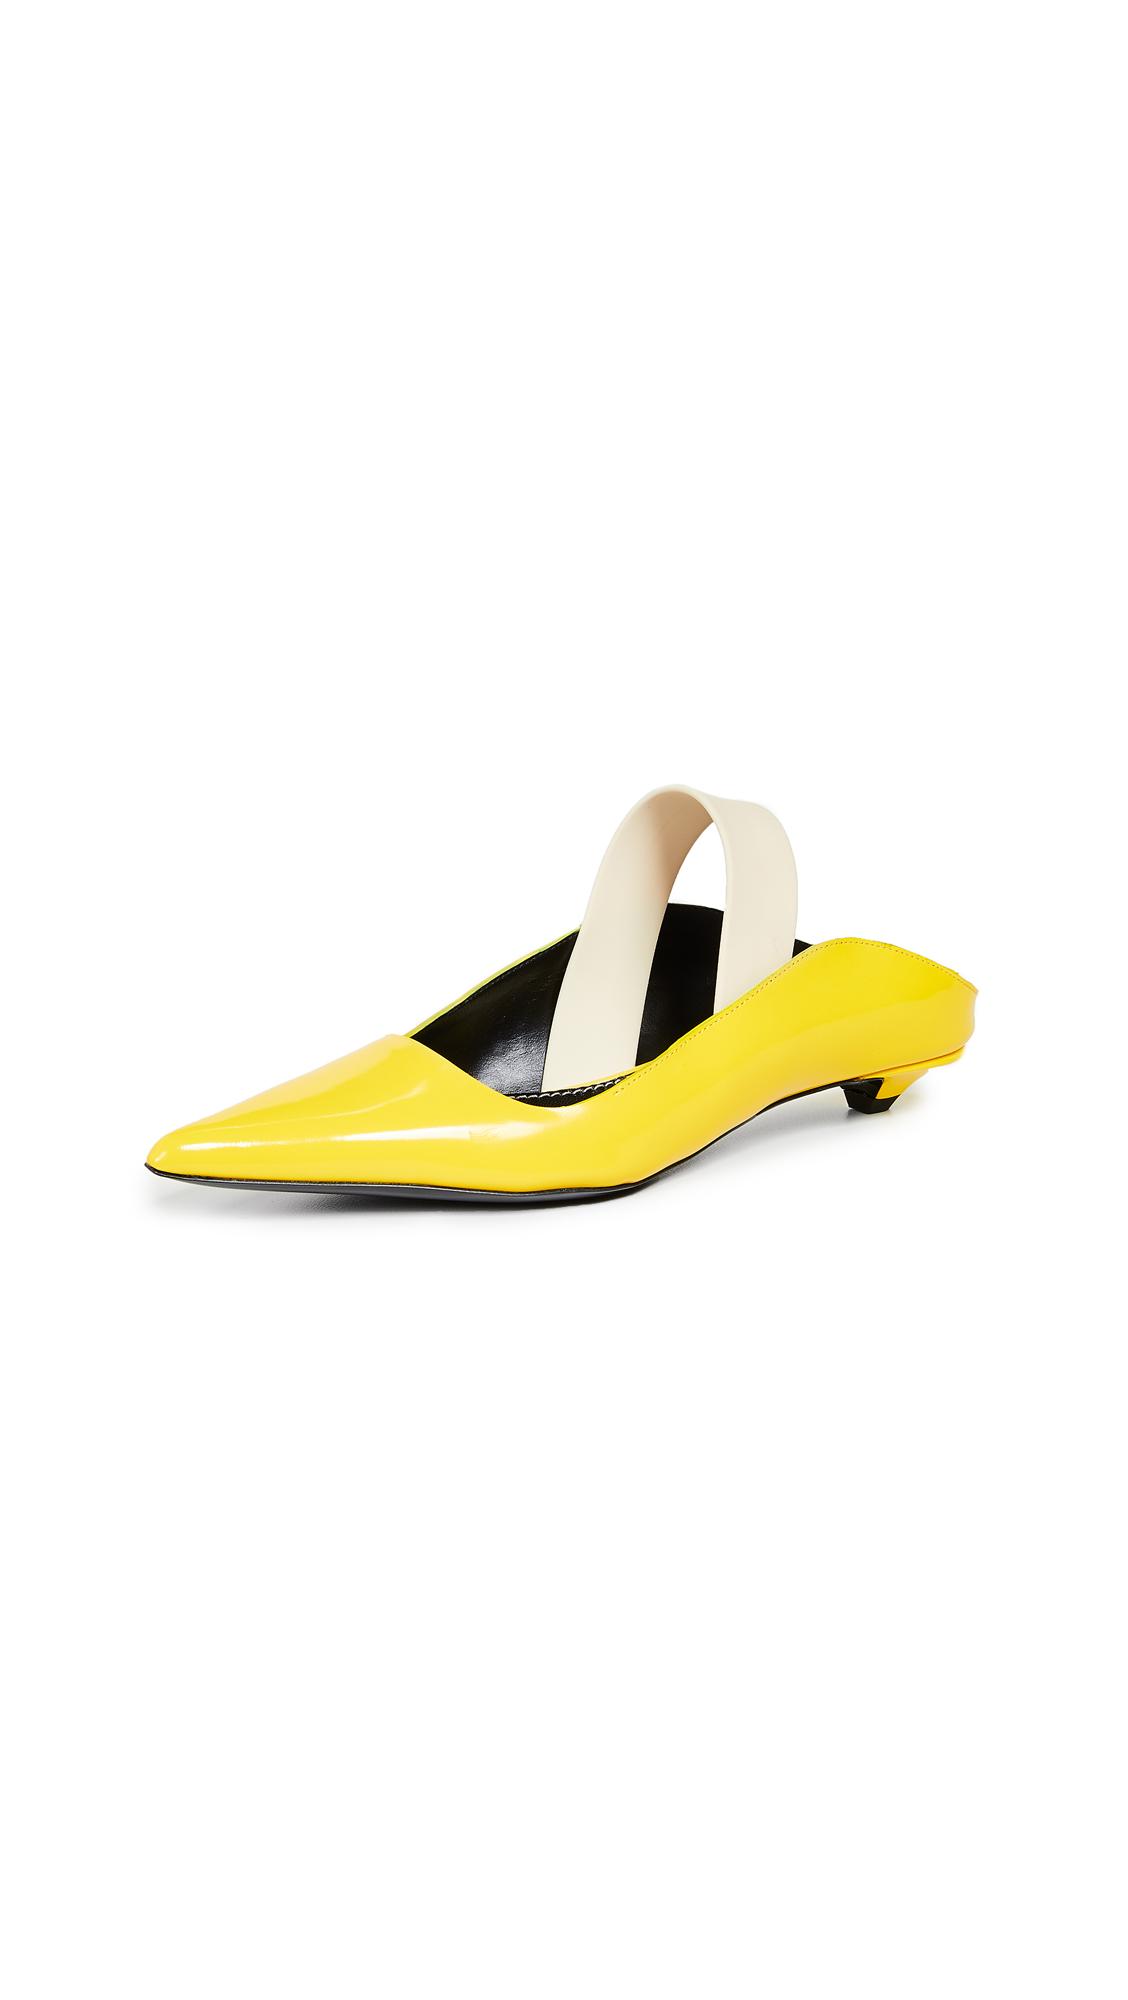 Proenza Schouler Slingback Flats - Yellow